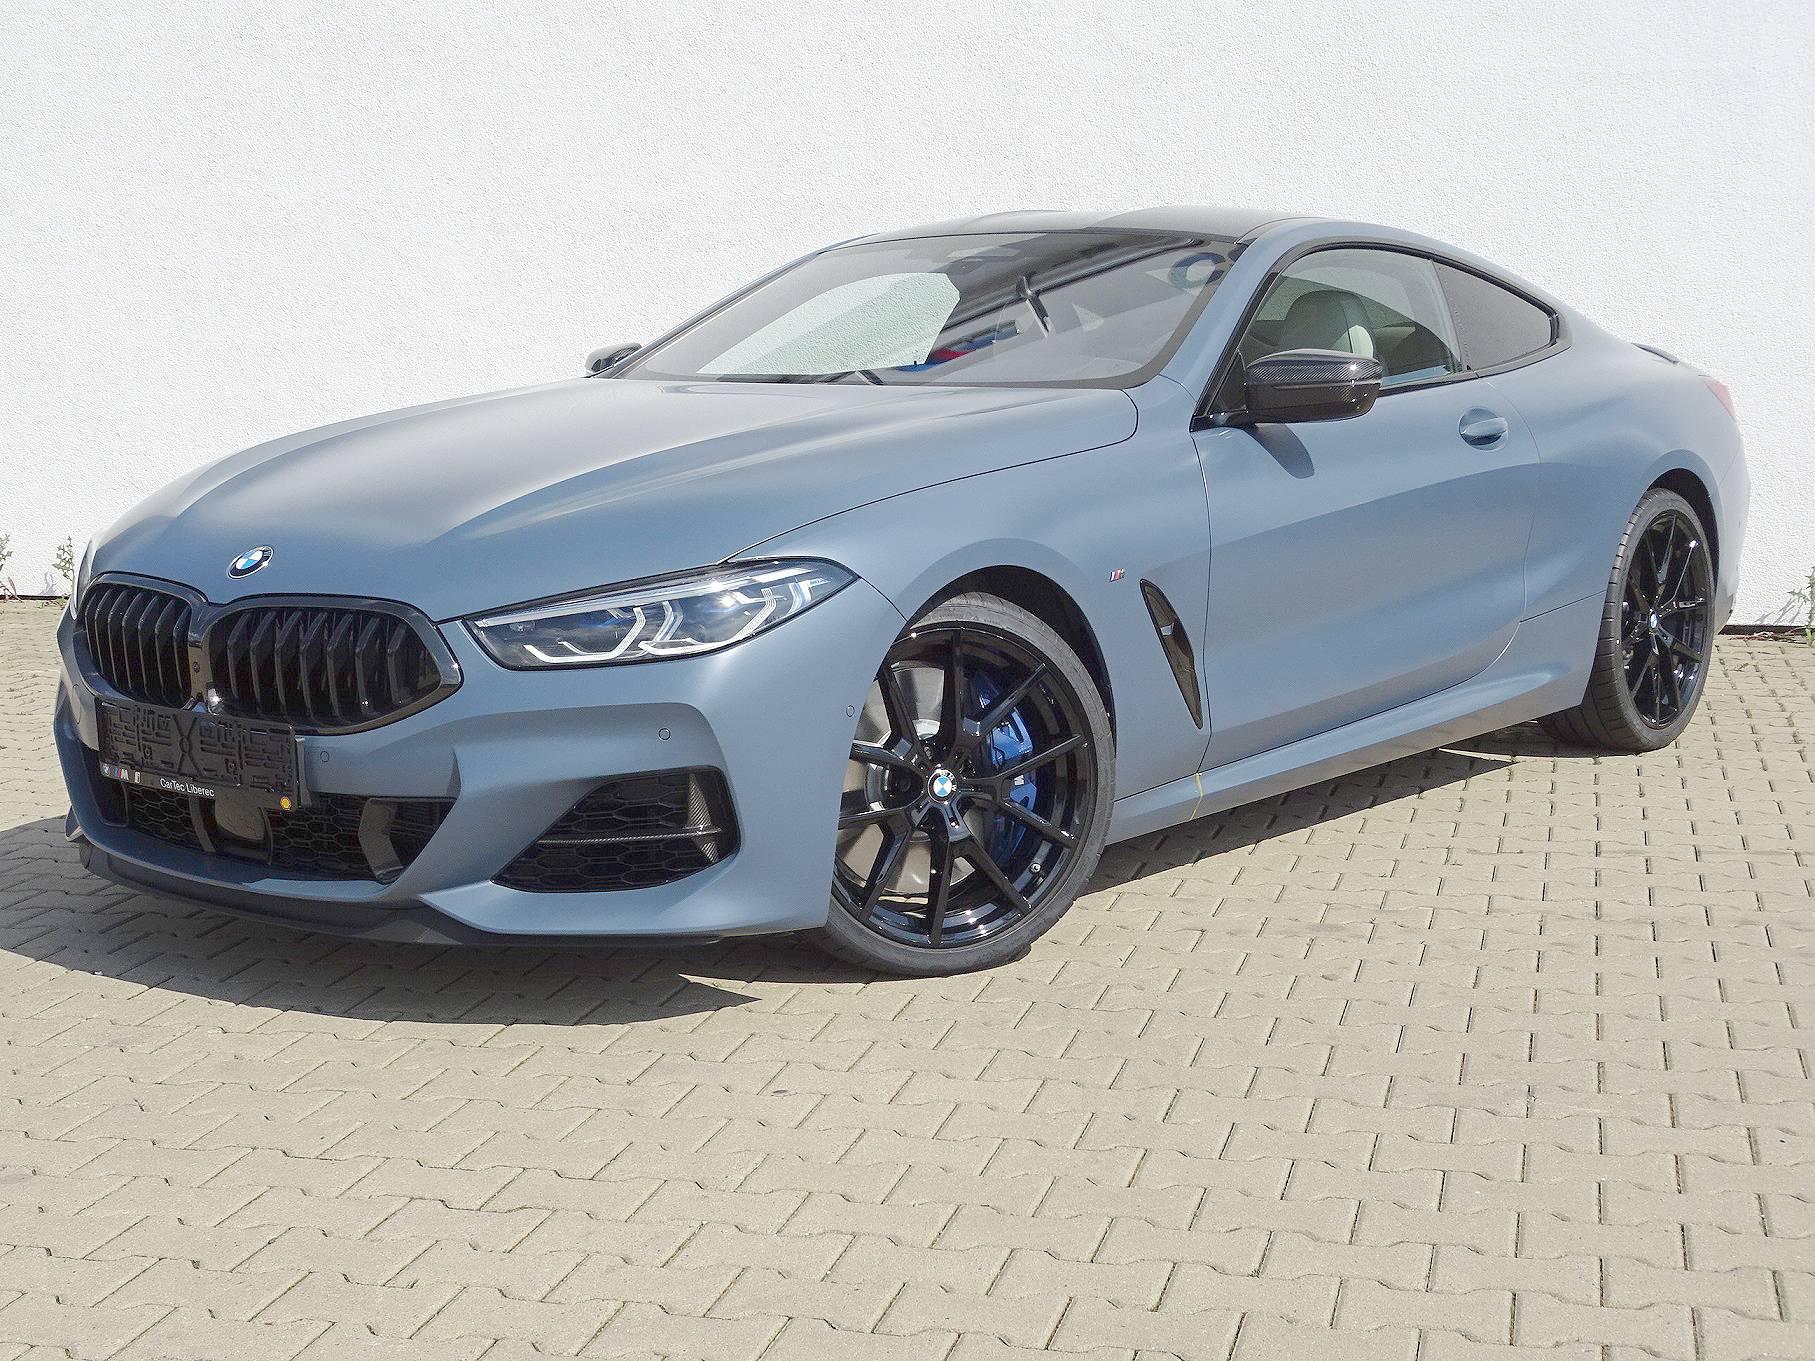 BMW M850i xDRIVE COUPÉ - nové auto skladem - maximální výbava - nejlevnější na trhu